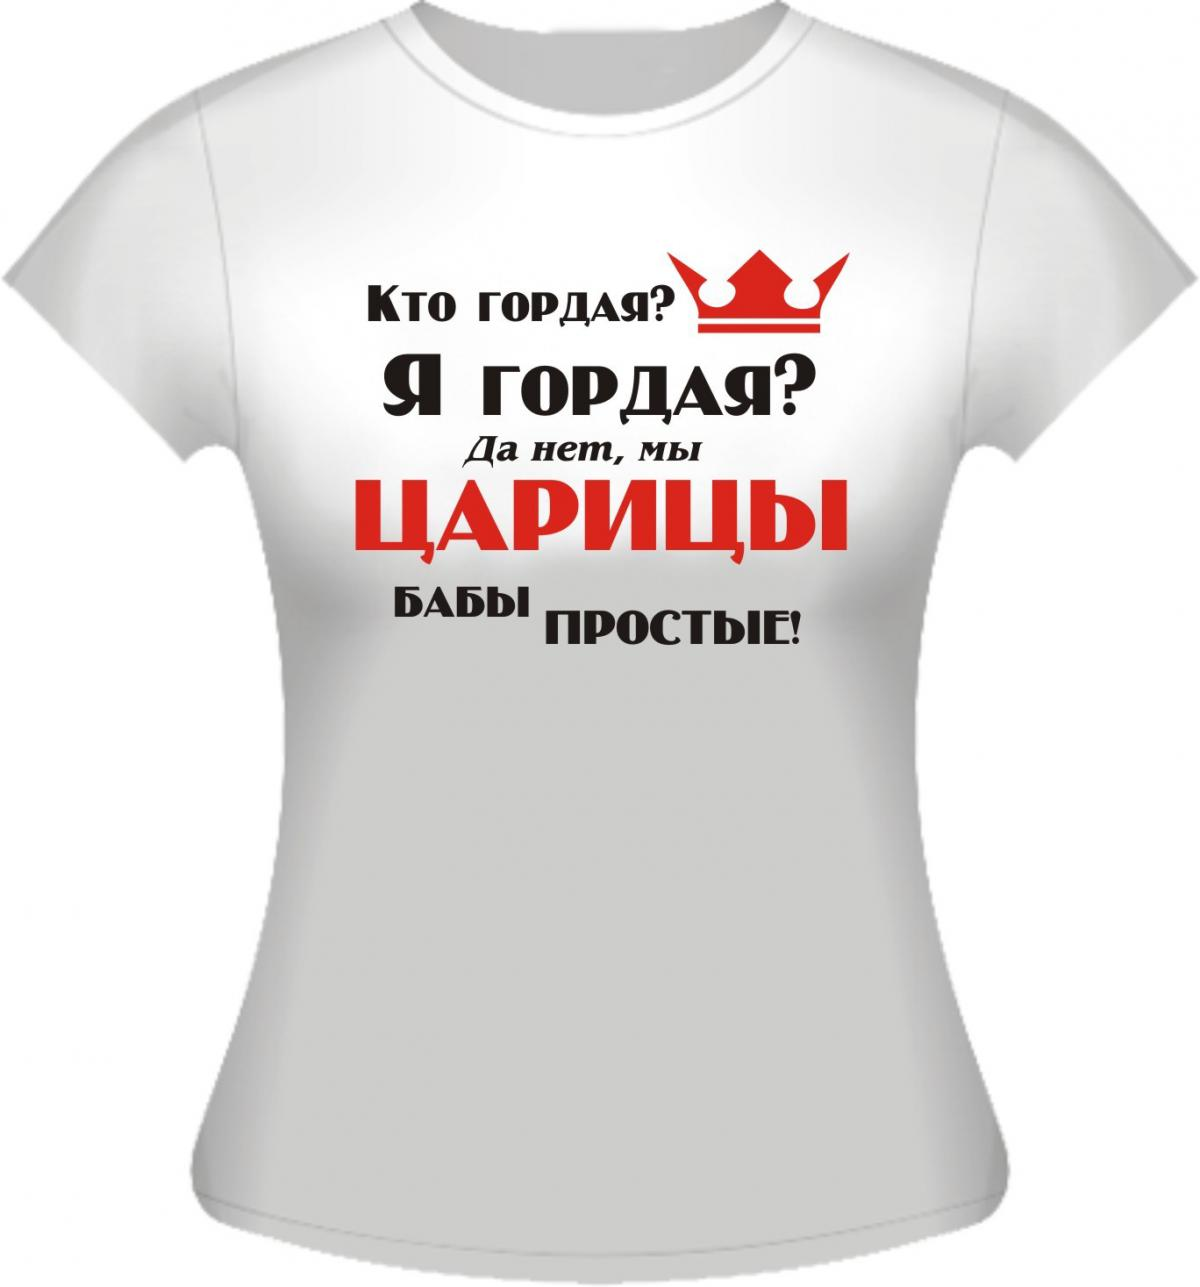 Смешные рисунки и надписи на футболке